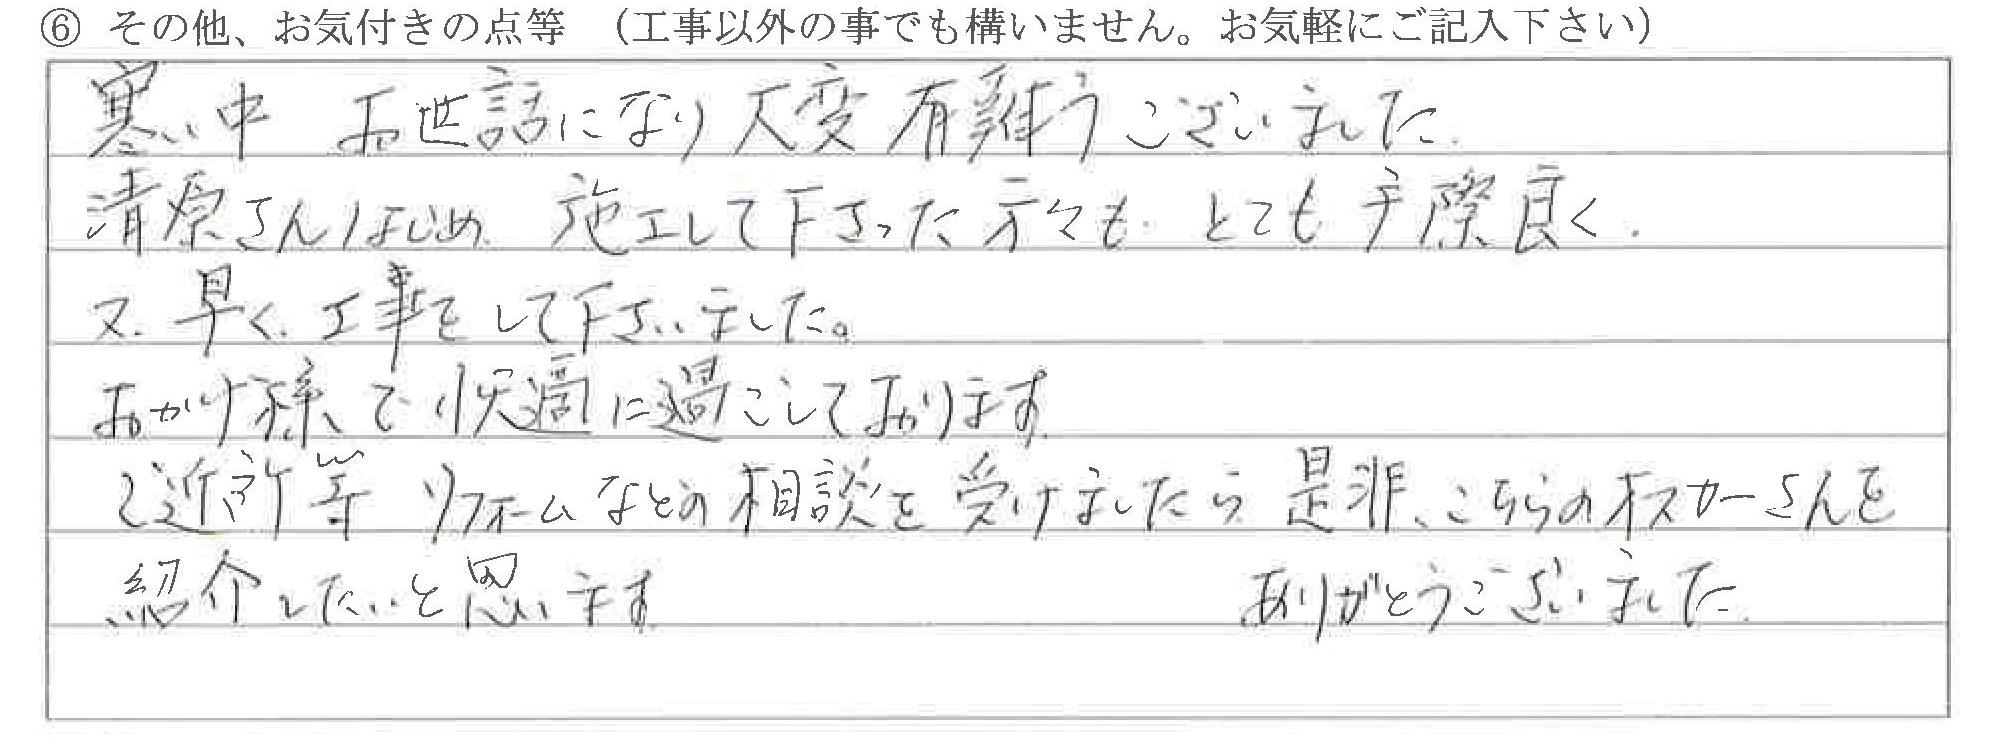 富山県南砺市M様に頂いた玄関入替工事についてのお気づきの点がありましたら、お聞かせ下さい。というご質問について「玄関リフォーム工事【お喜びの声】」というお声についての画像